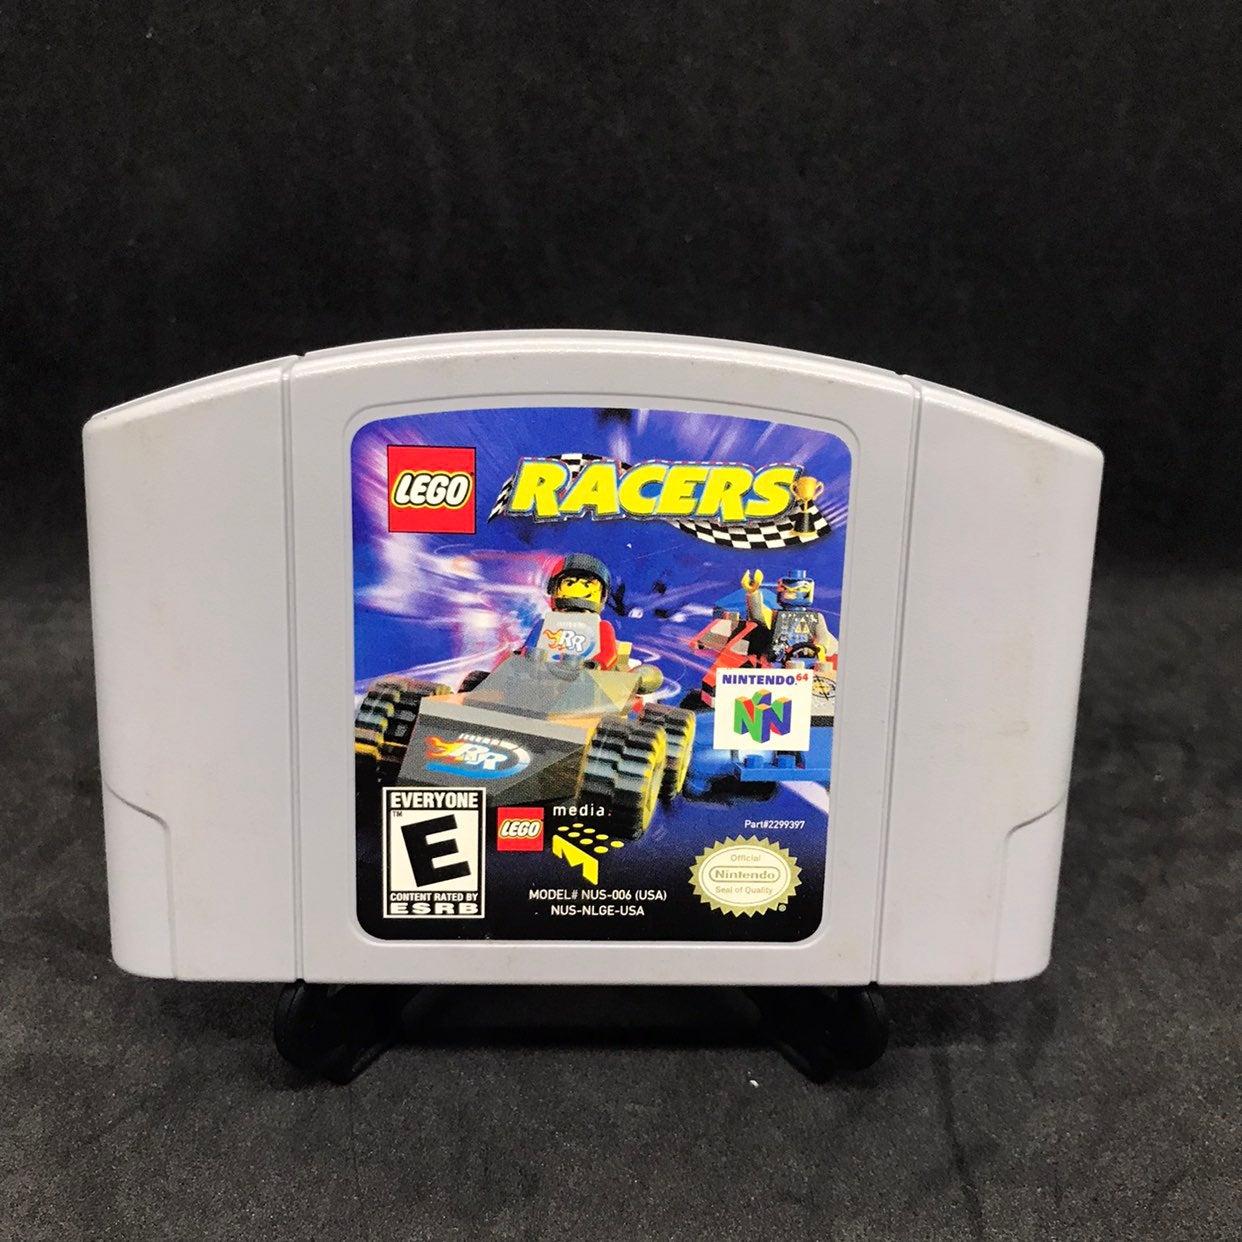 Lego Racers on Nintendo 64